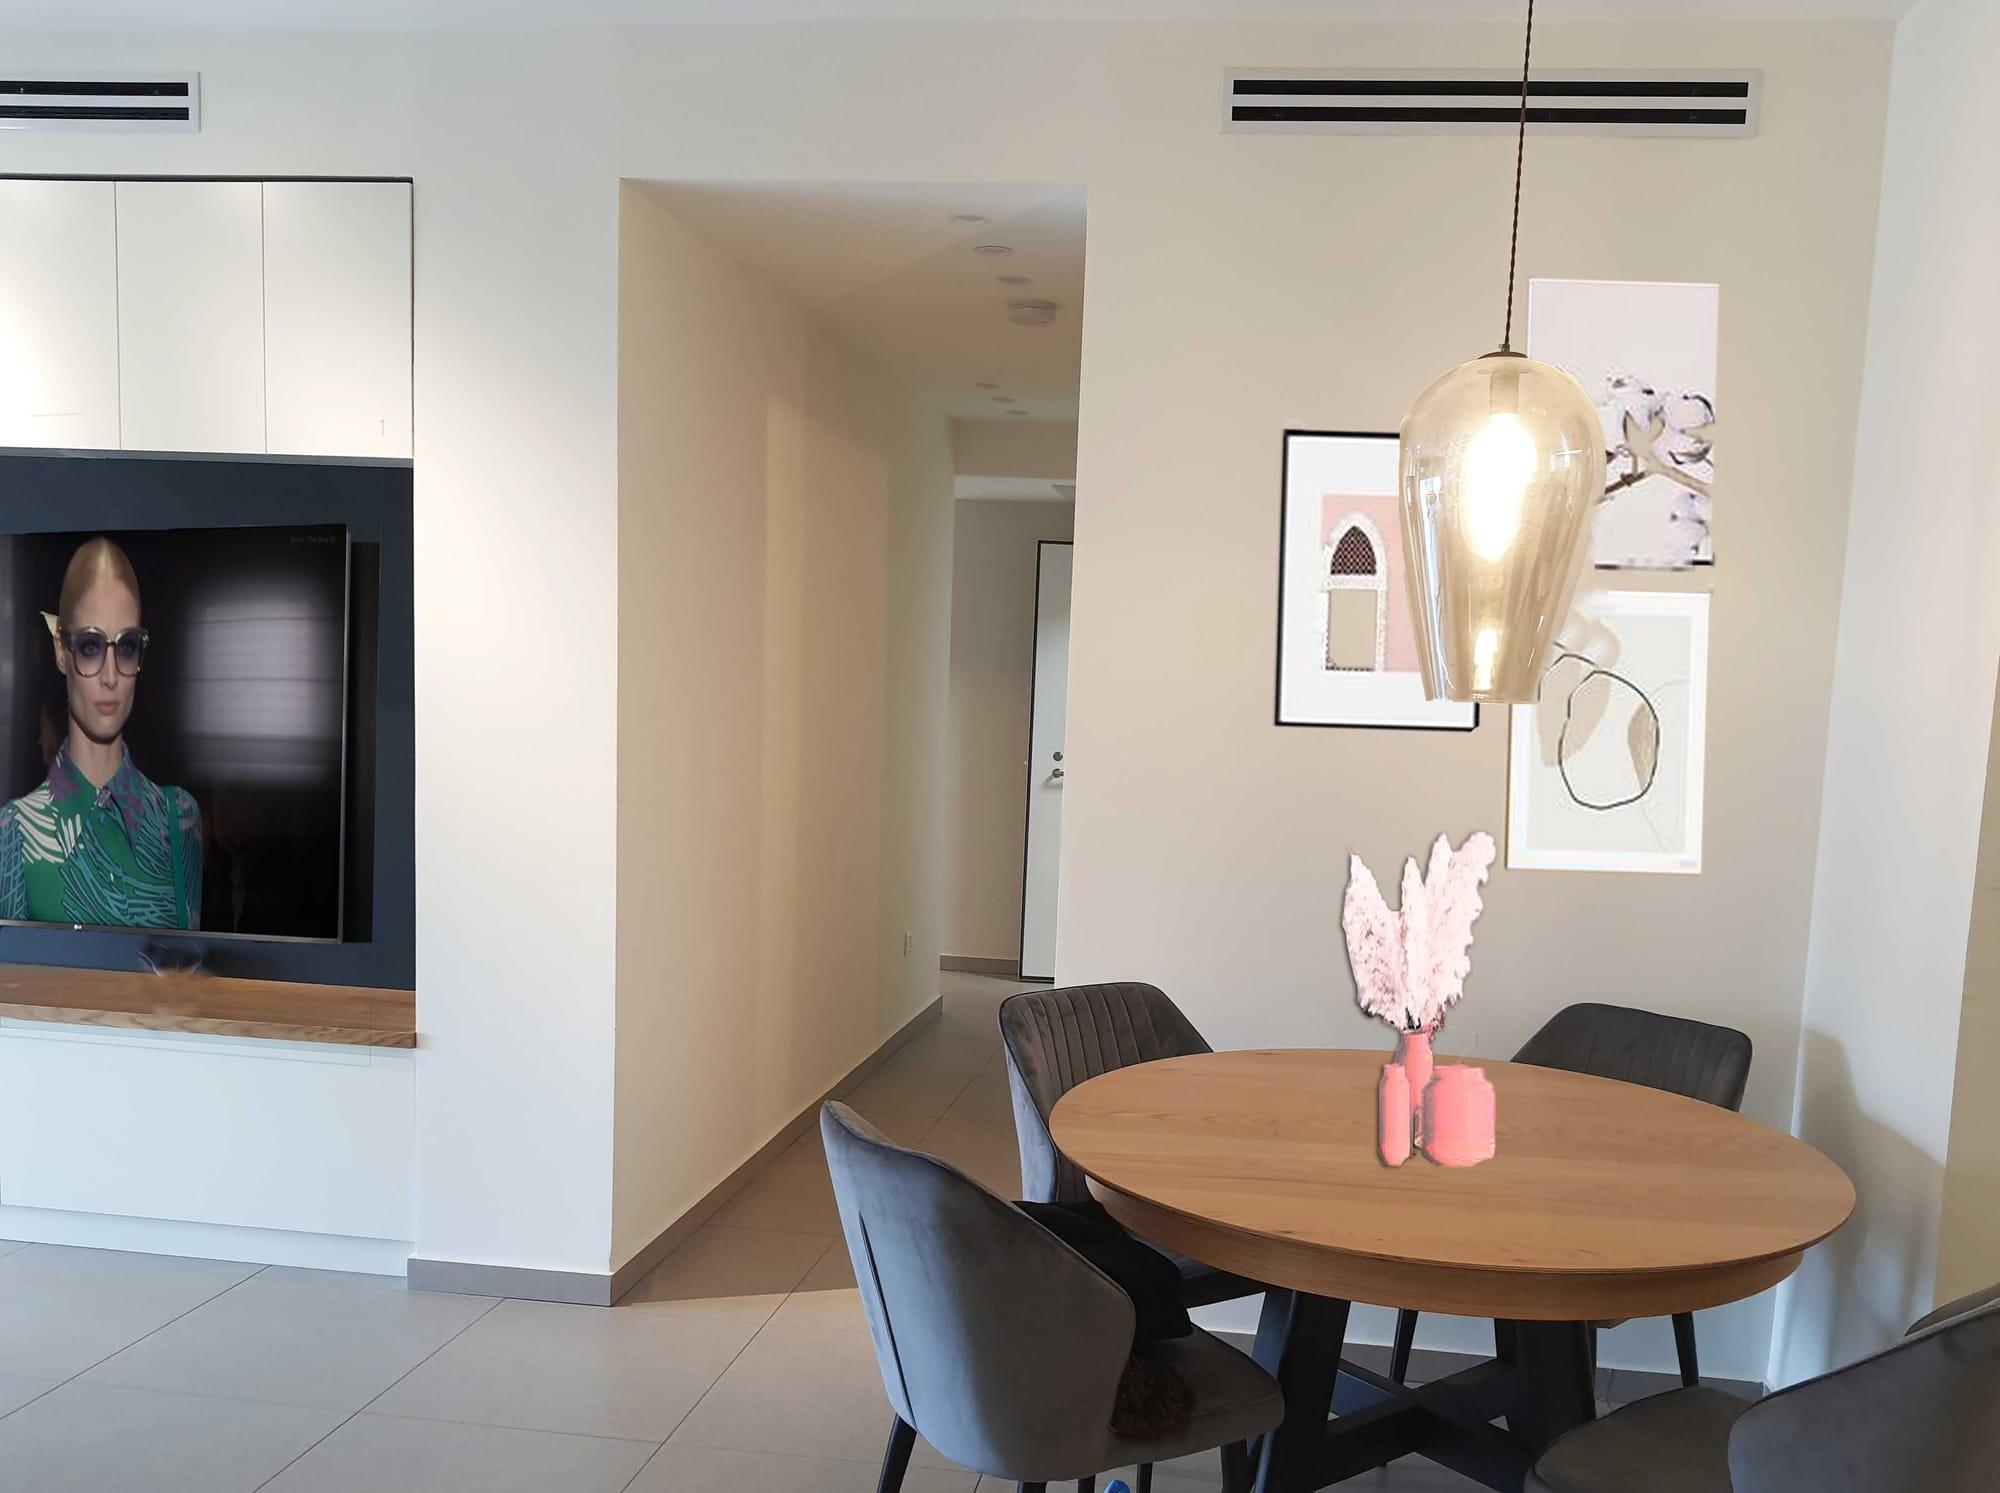 עיצוב דירה בפרויקט מחיר למשתכן